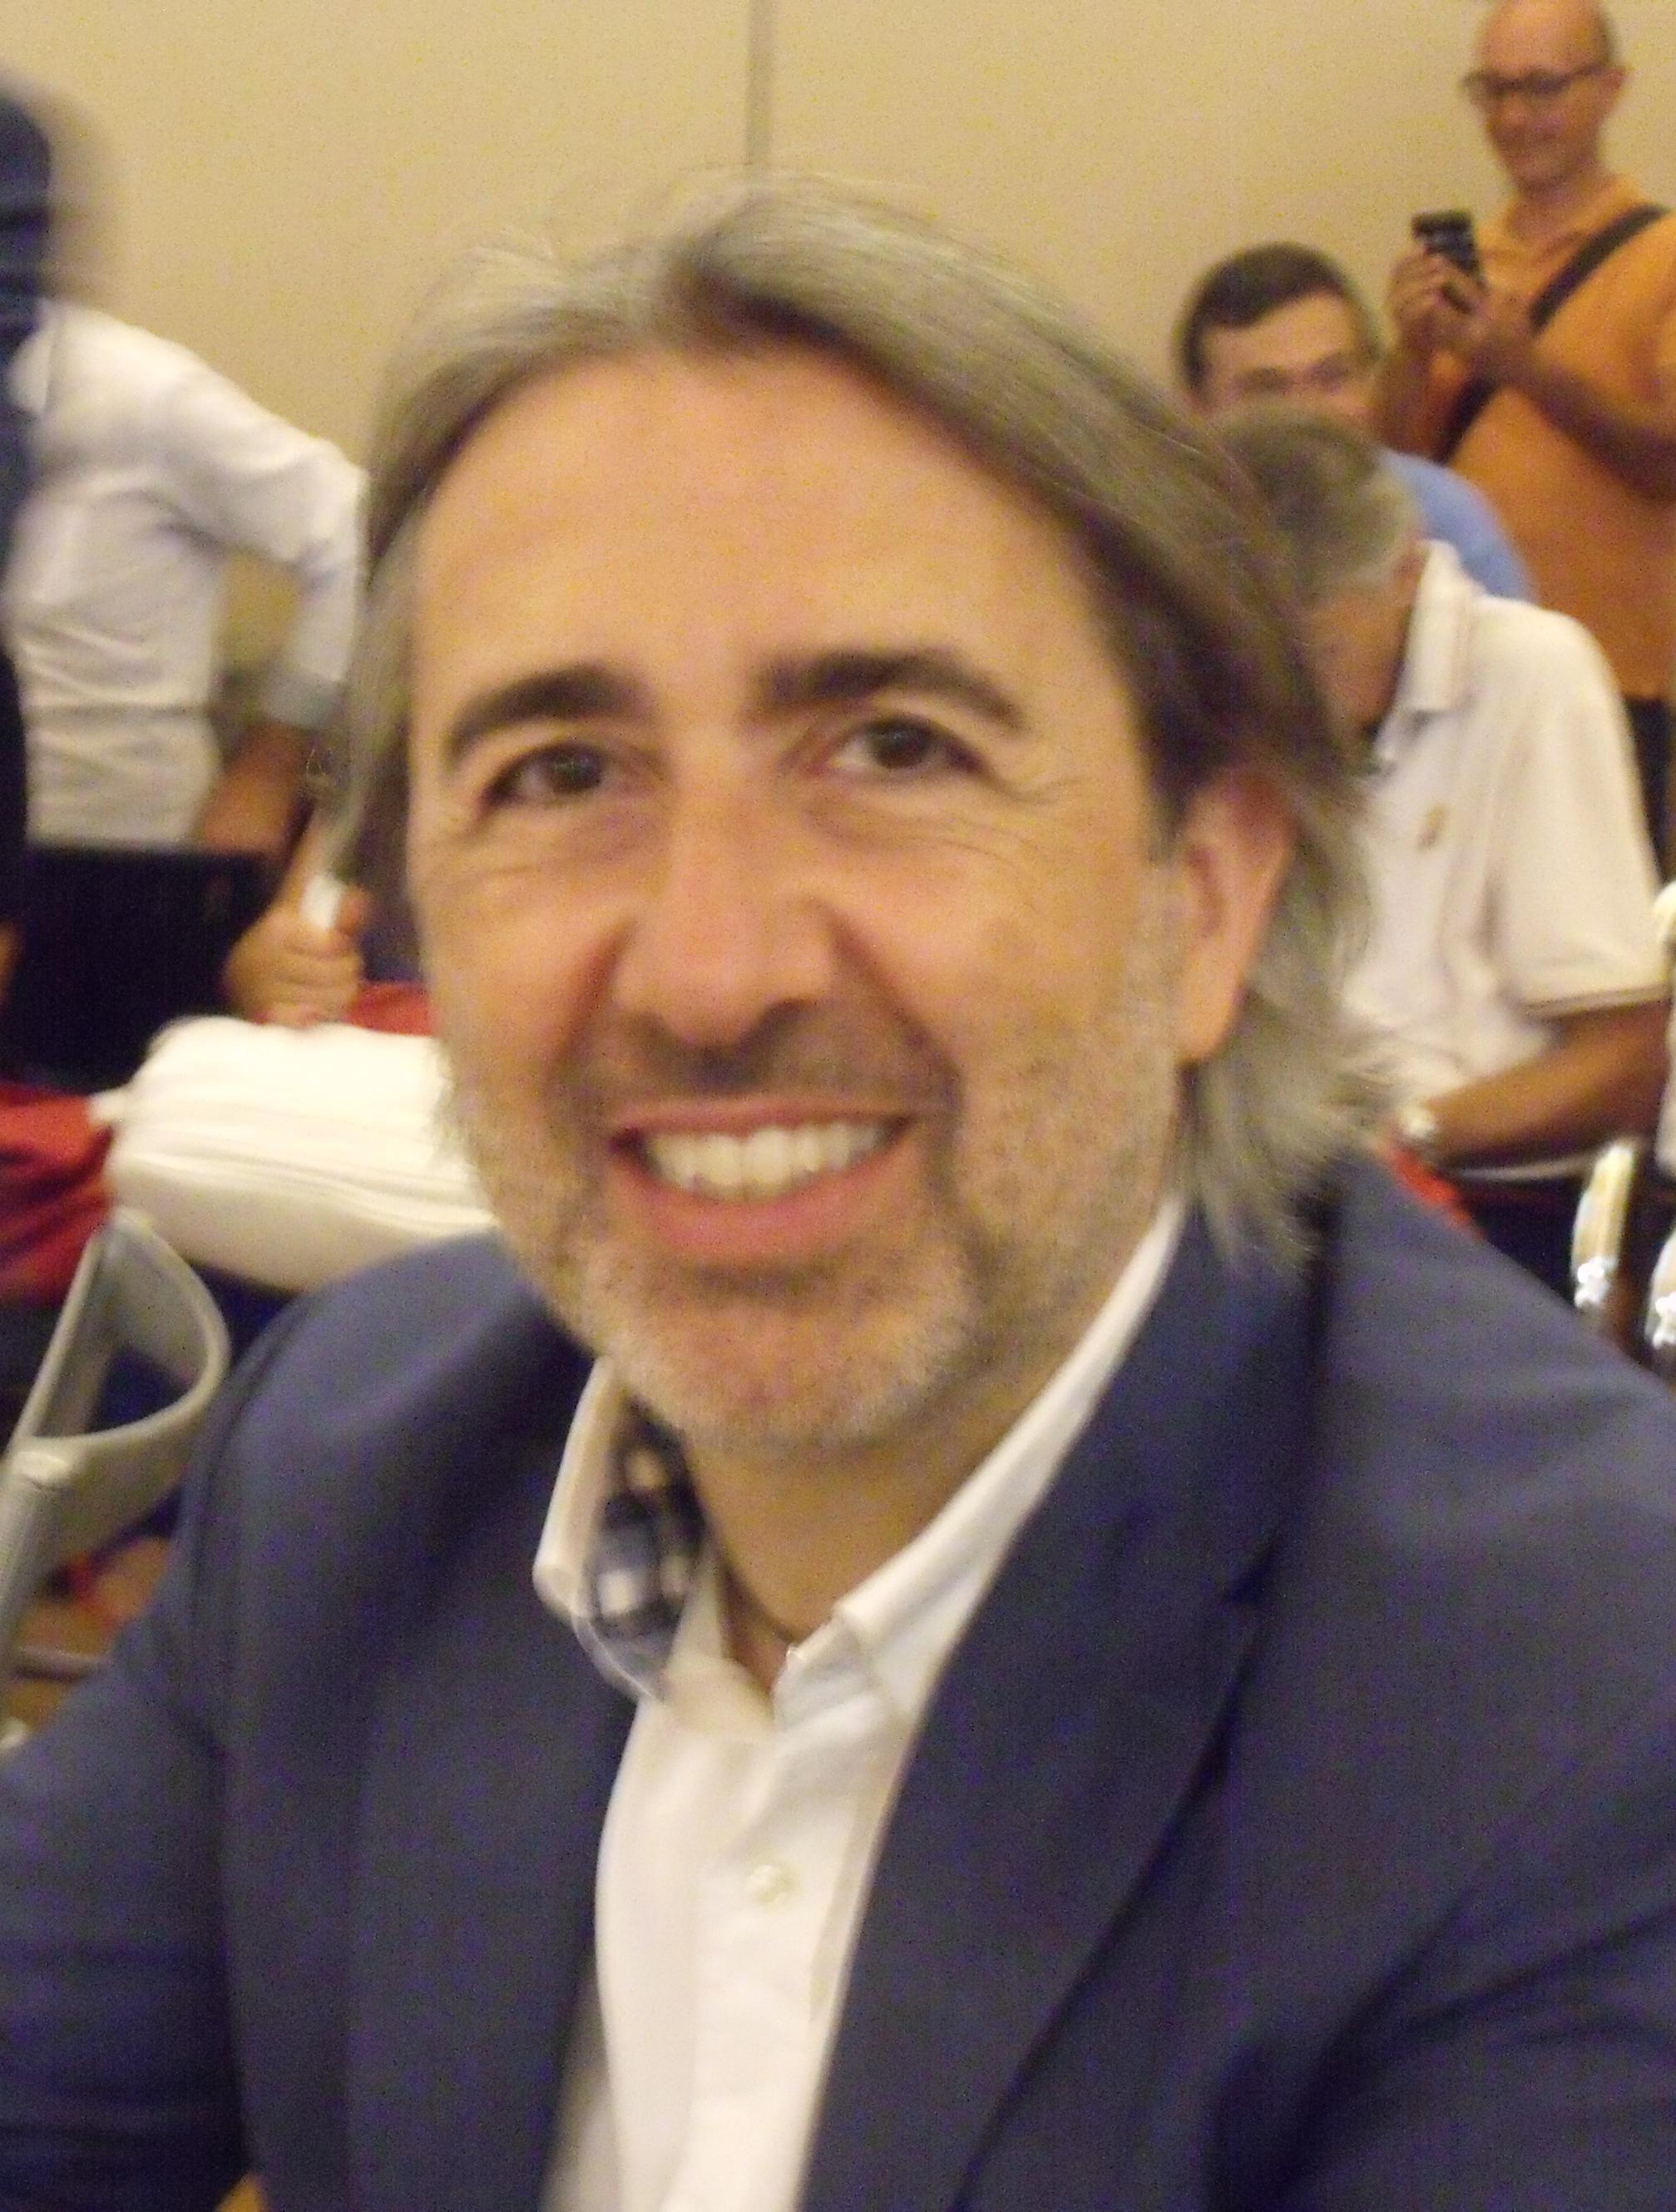 ROBERTO TRIGILIO: SE TORNIAMO A VOTARE? NON HO DUBBI, RESTO COI CINQUE STELLE